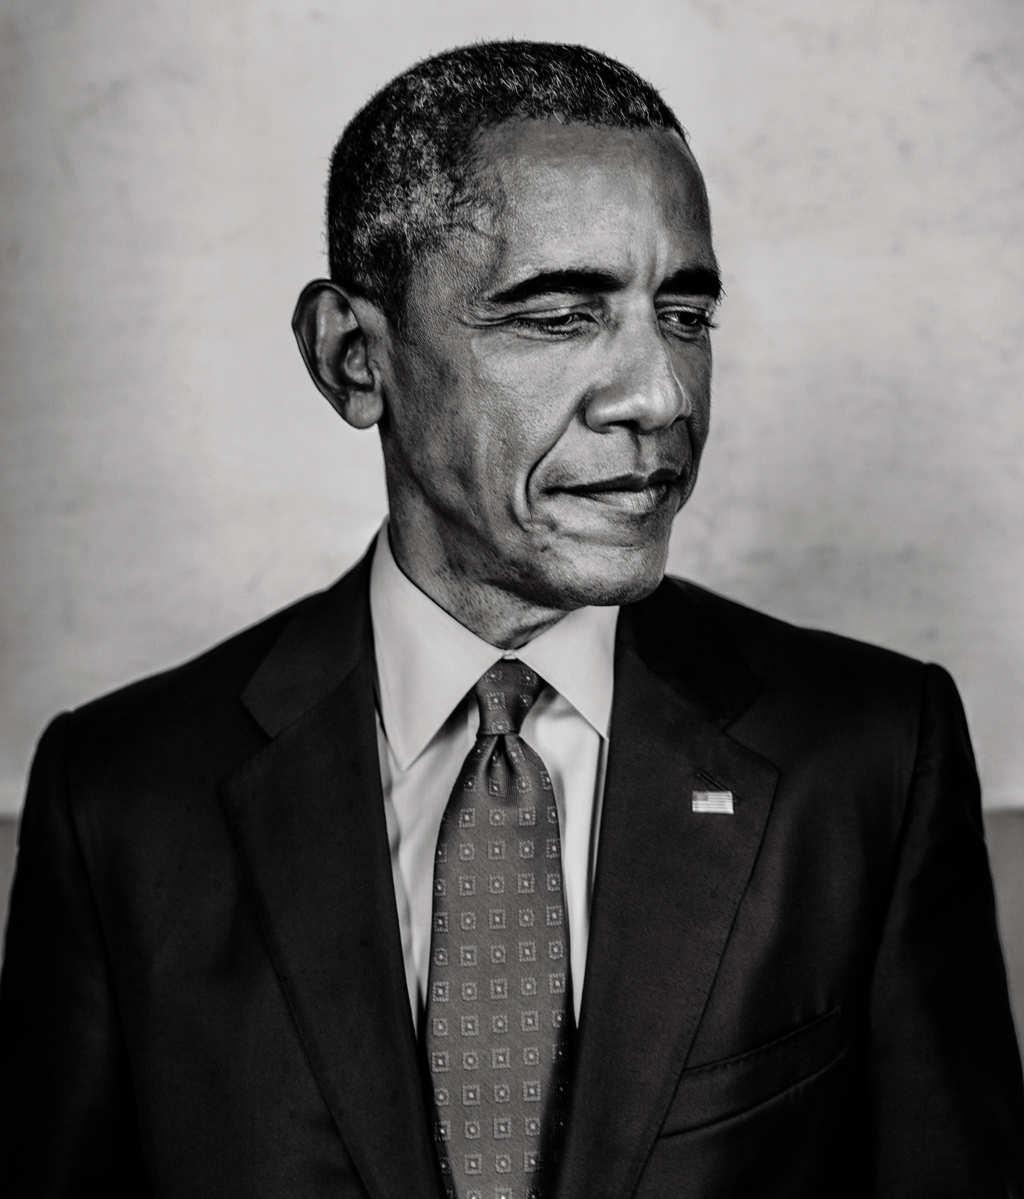 obama-interview-lede-w512-h600-2x.jpg